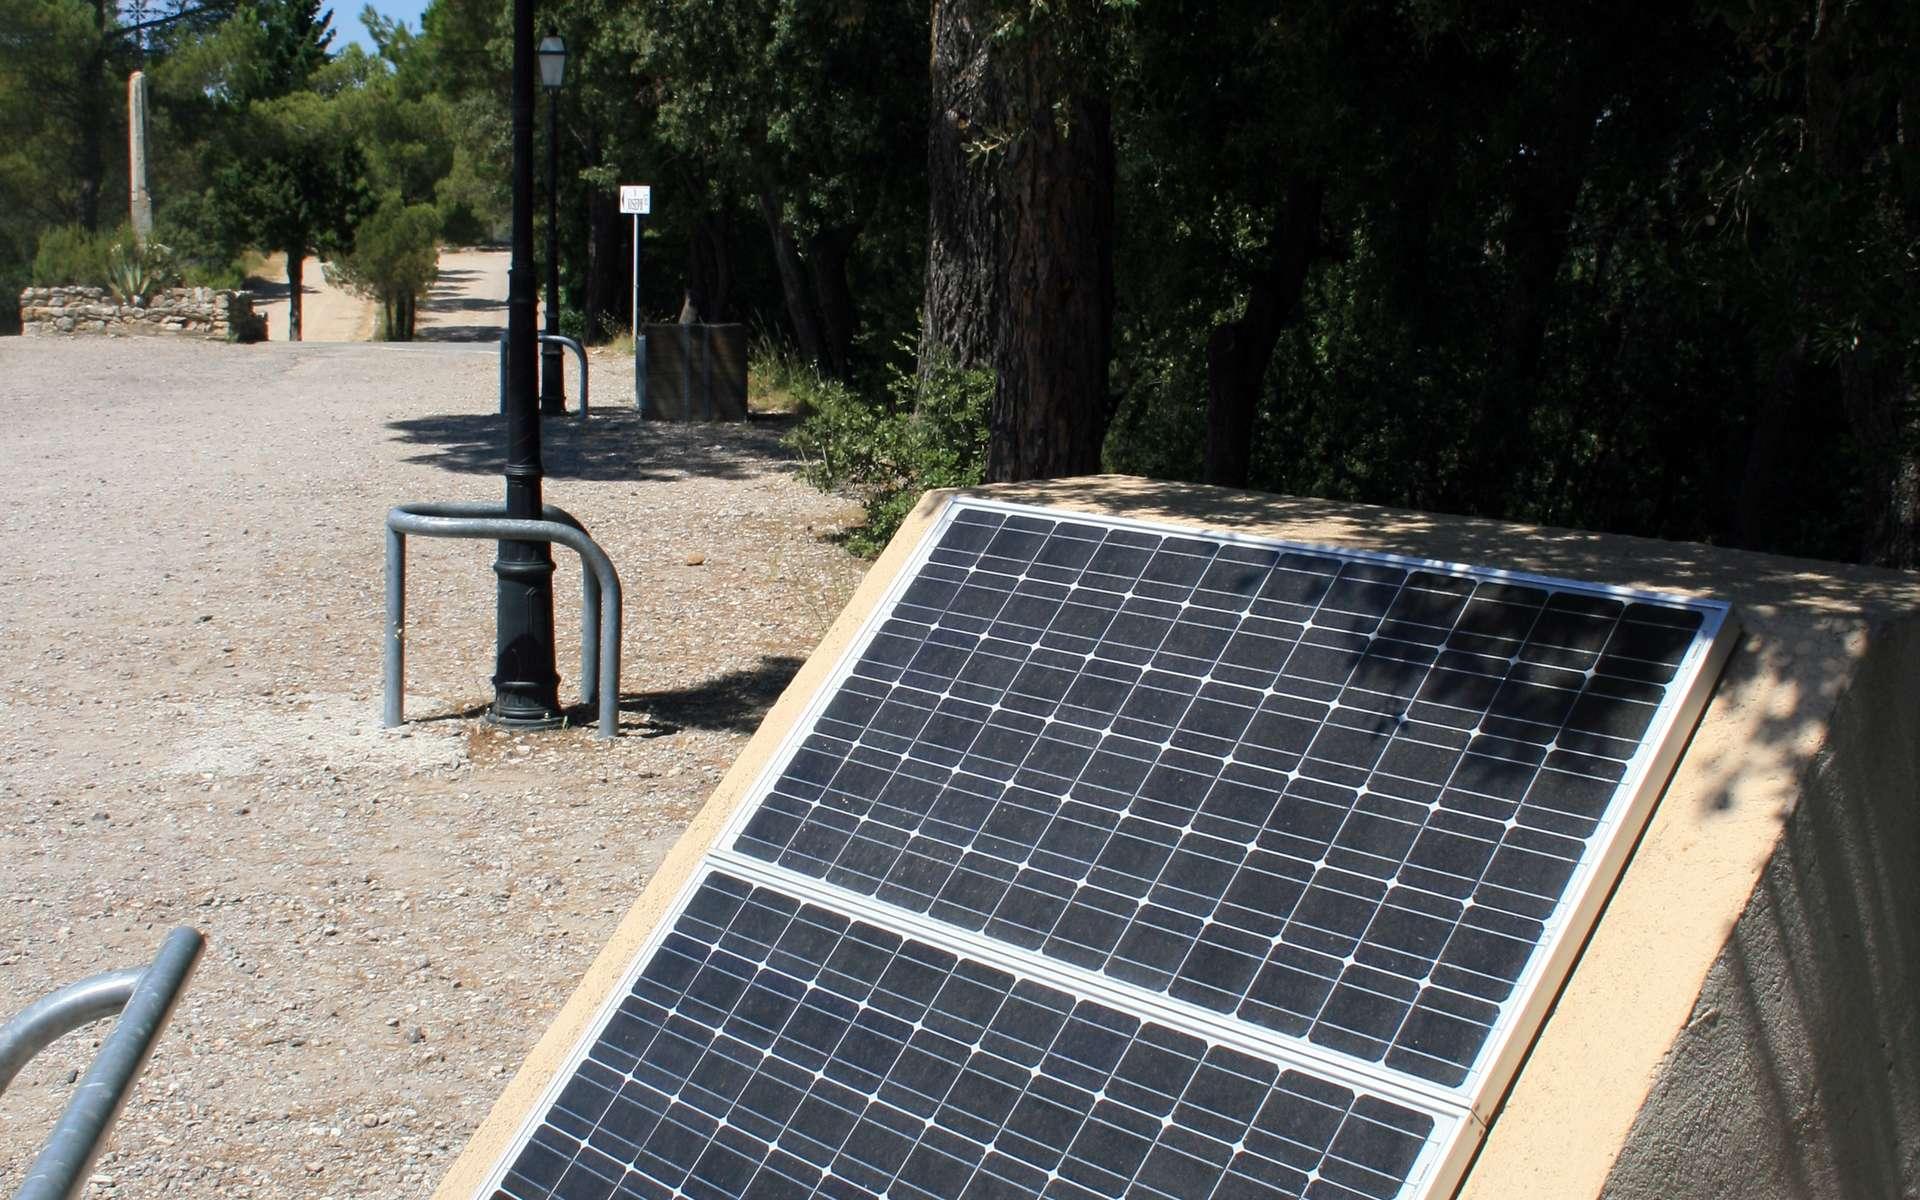 Un aérateur solaire est un dispositif écologique basé sur l'énergie solaire. © Jean-Louis Zimmermann, Flickr, CC BY 2.0